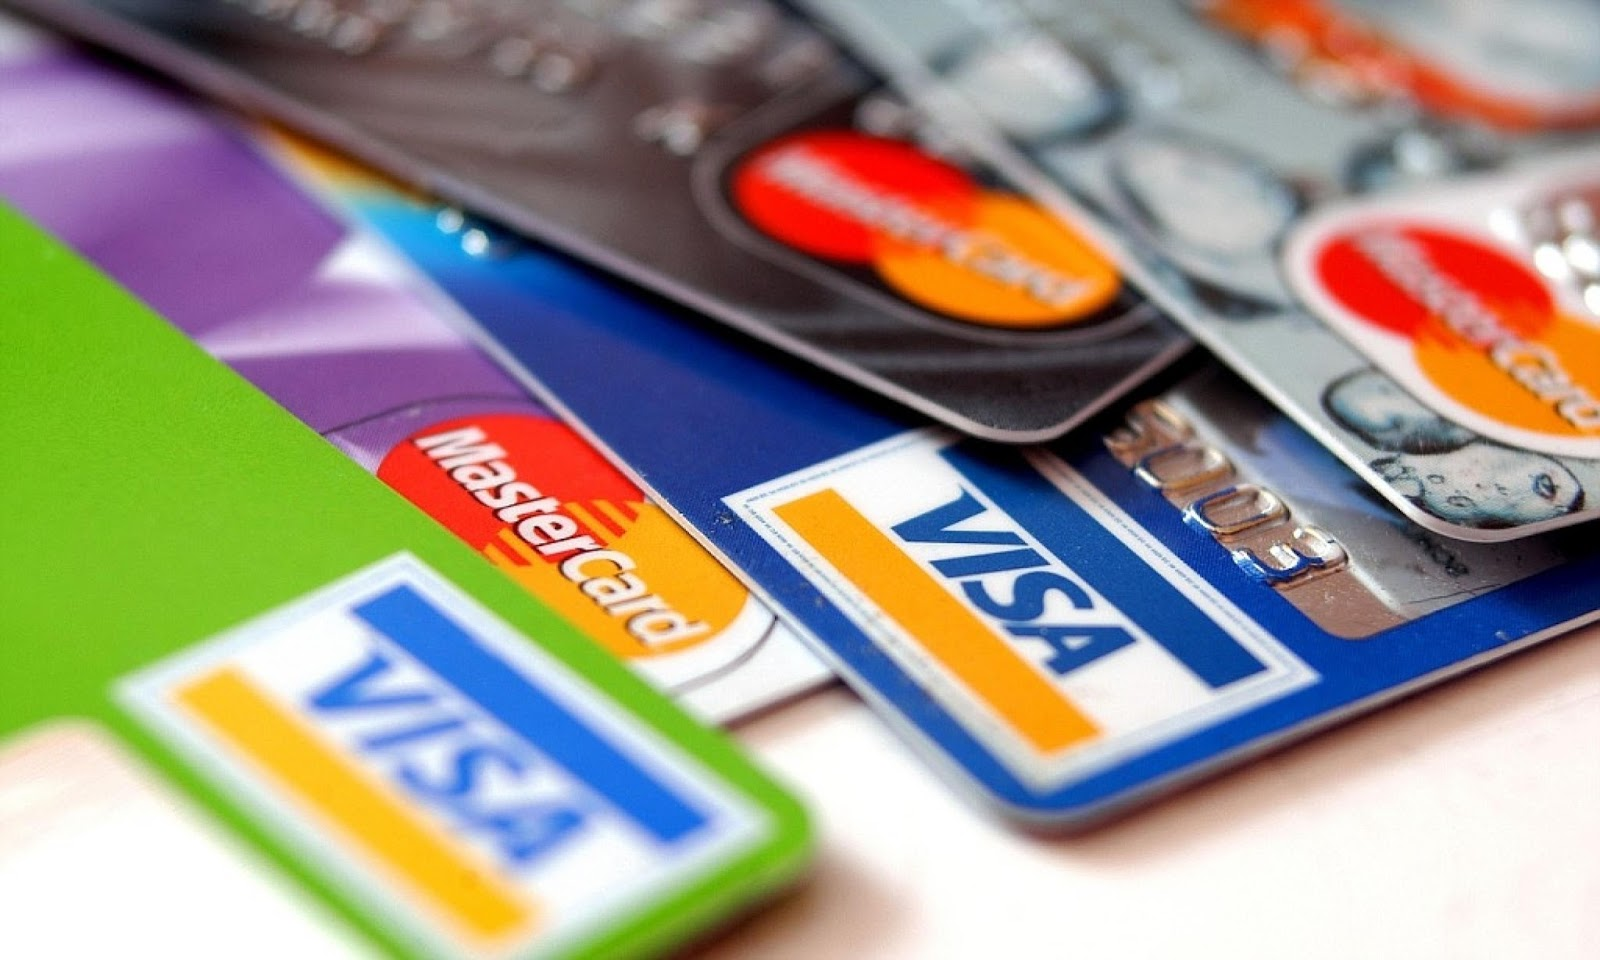 tarjetas-de-credito:-la-tasa-de-financiacion-para-las-12-cuotas-fijas-subio-al-132-por-ciento